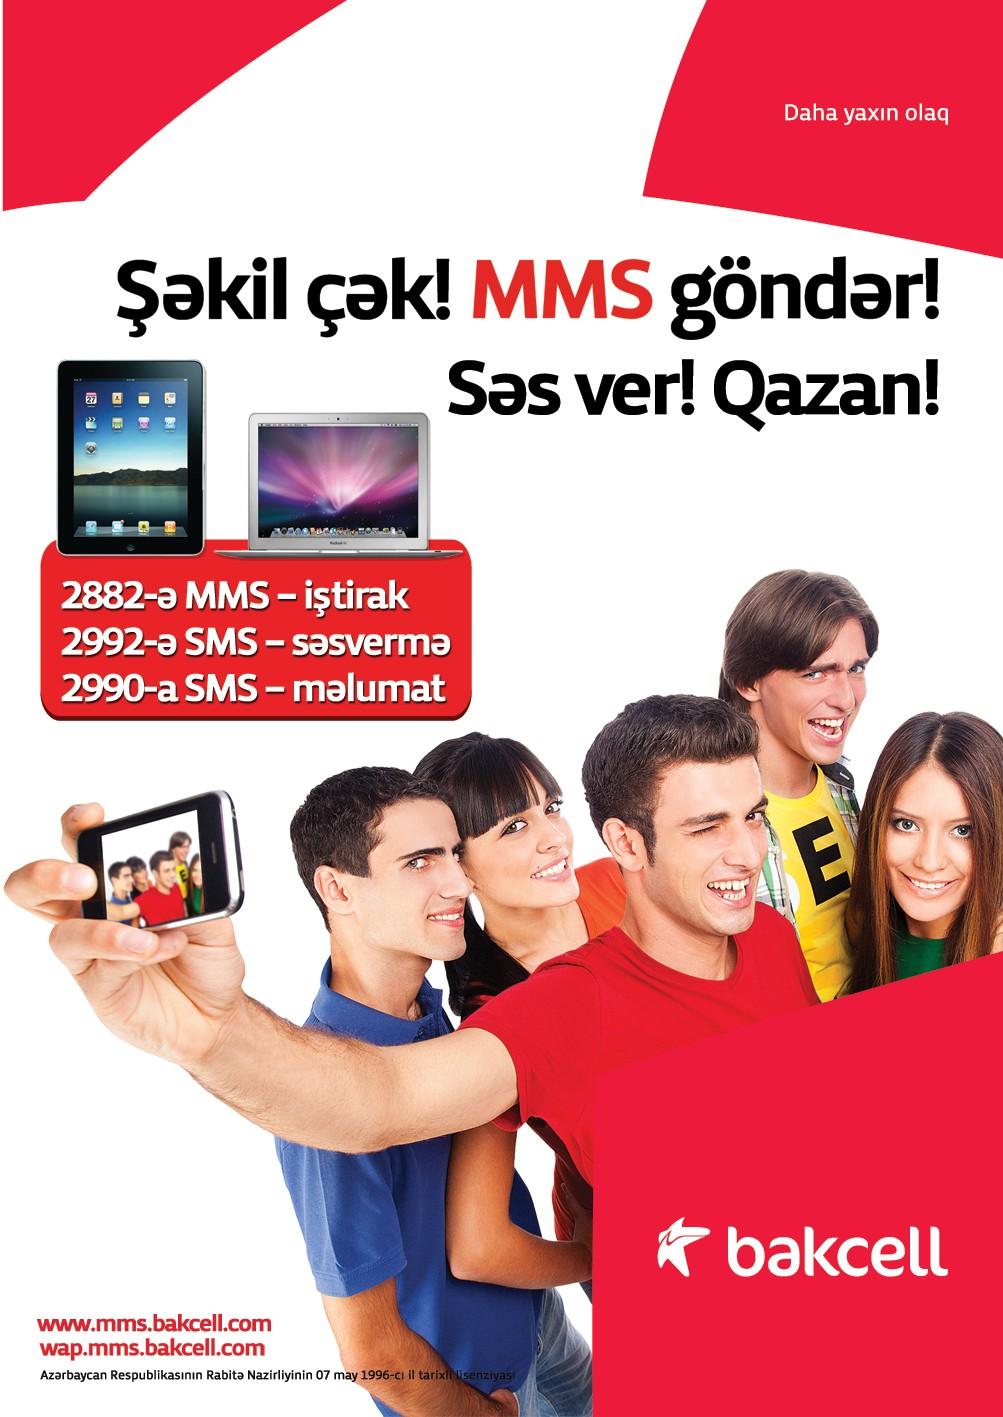 Şəkil Çək, MMS Göndər və Bakcell-in Müsabiqəsinin Qalibi Ol!